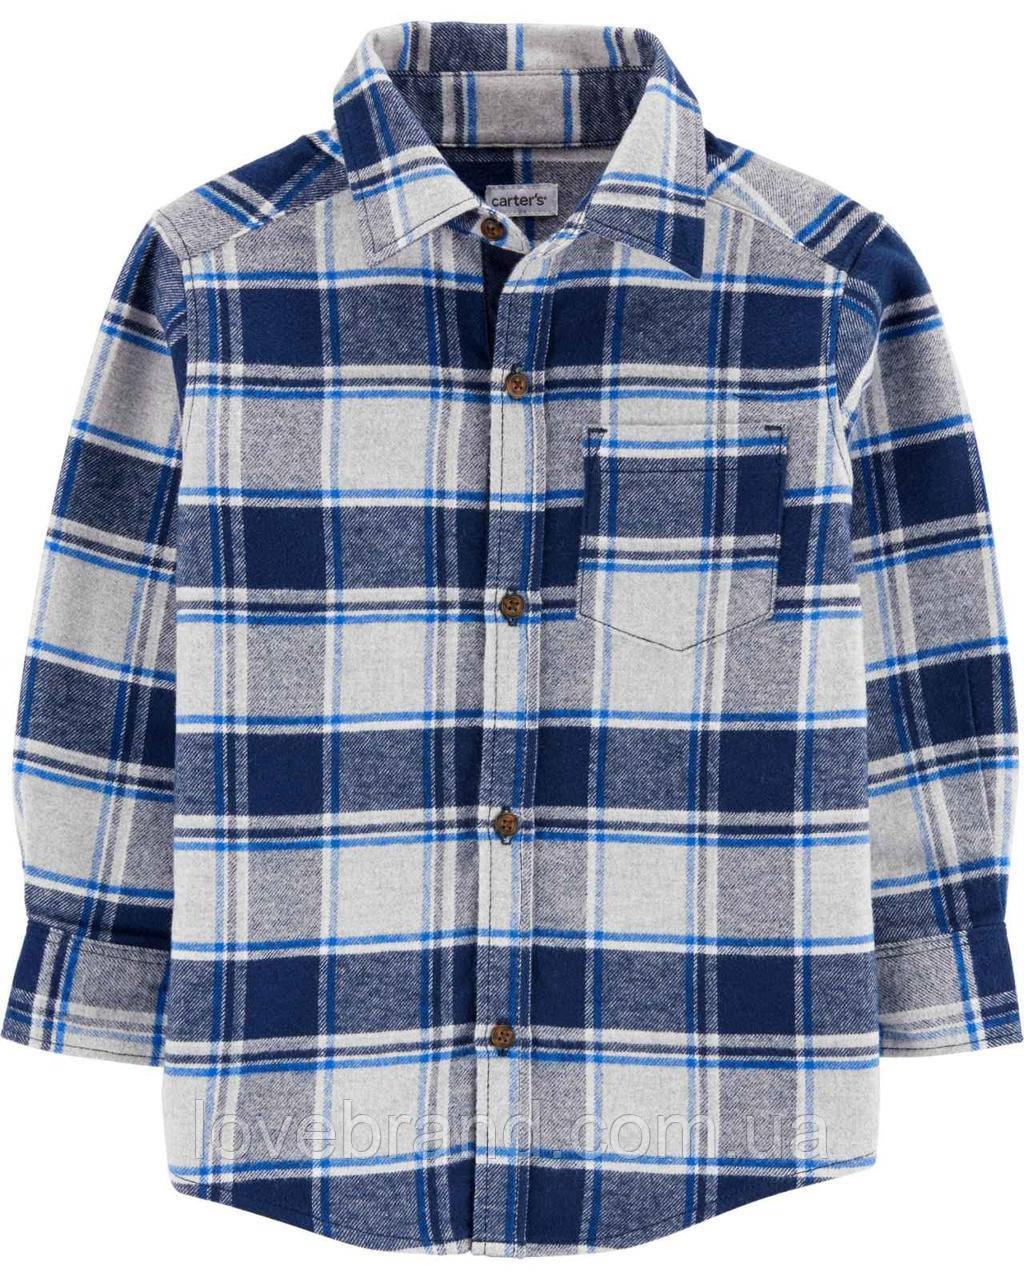 Фланелевая рубашка для мальчика Carter's в клеточку 2Т/86-93 см